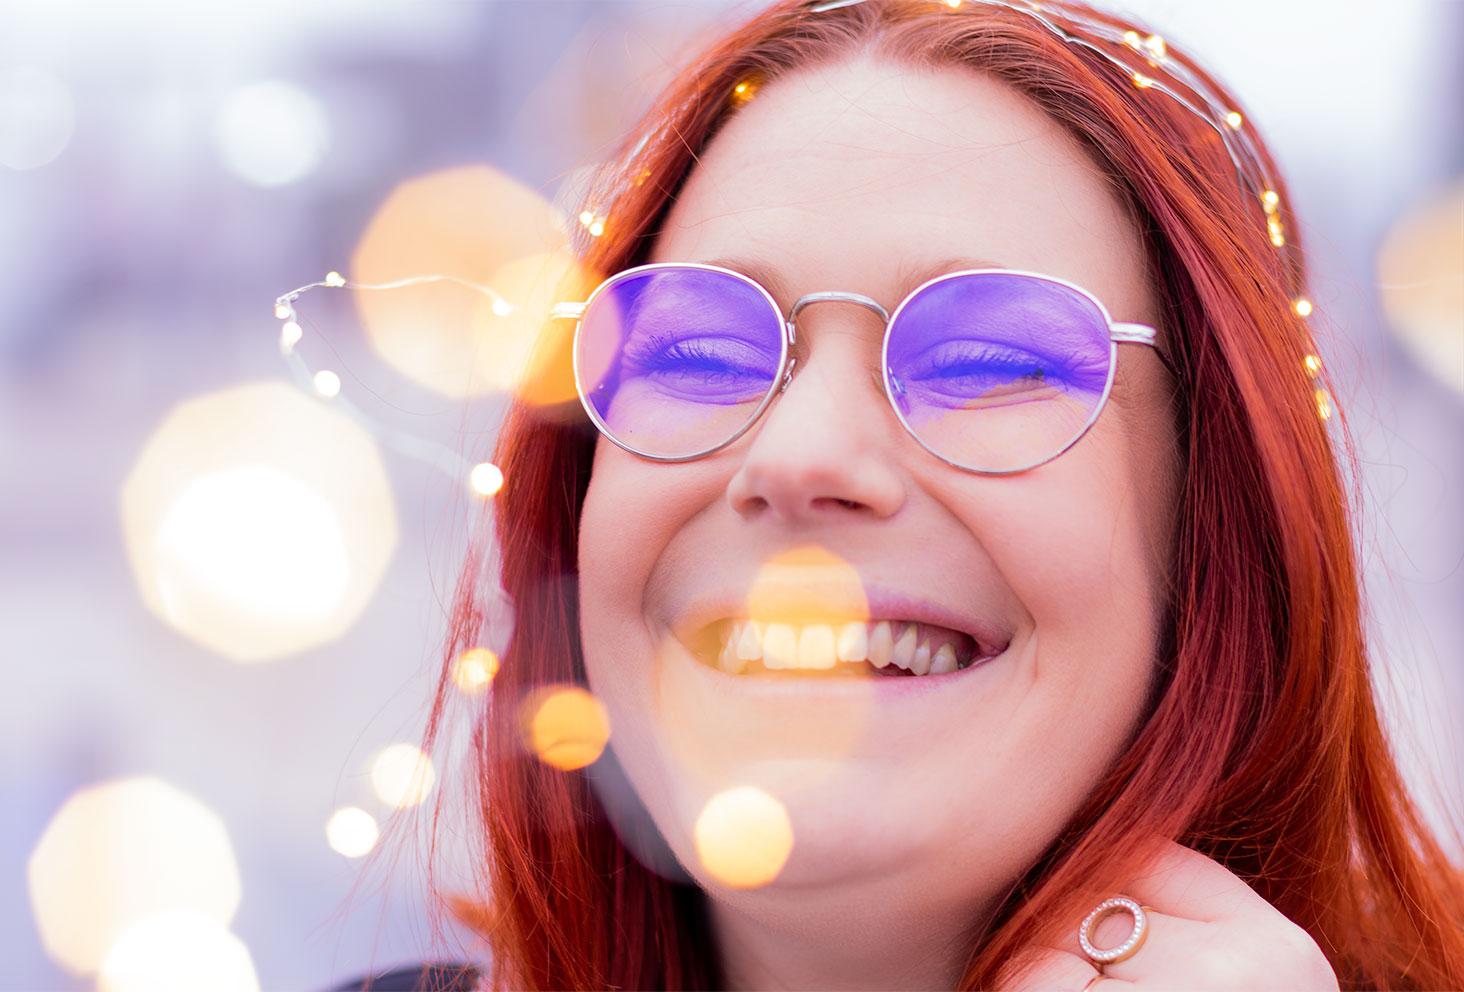 Grand sourire et lunettes aviators, une guirlande sur la tête pour la nouvelle année